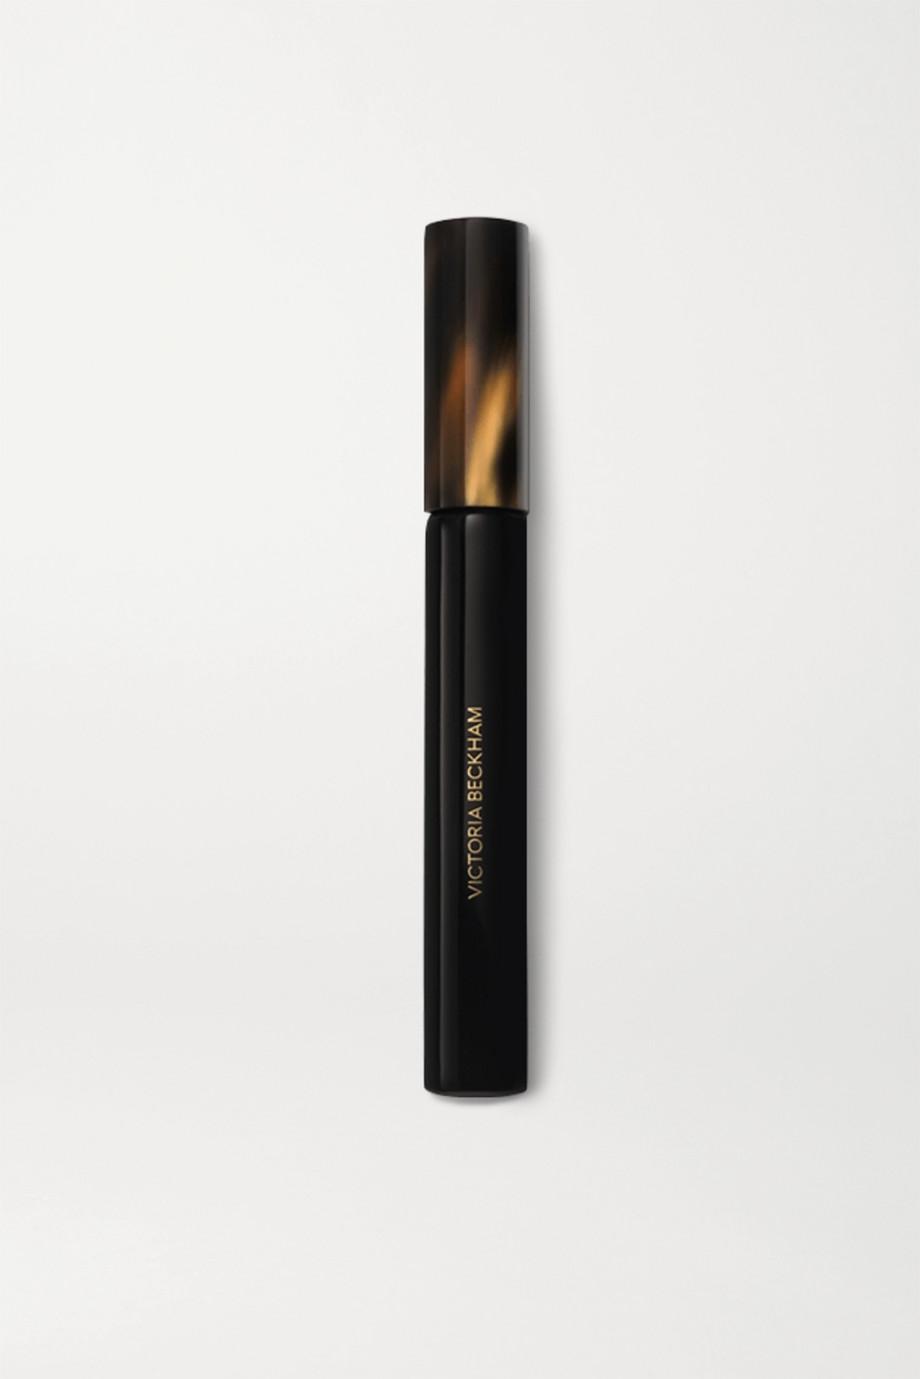 Victoria Beckham Beauty Bitten Lip Tint – Bisou – Lipgloss